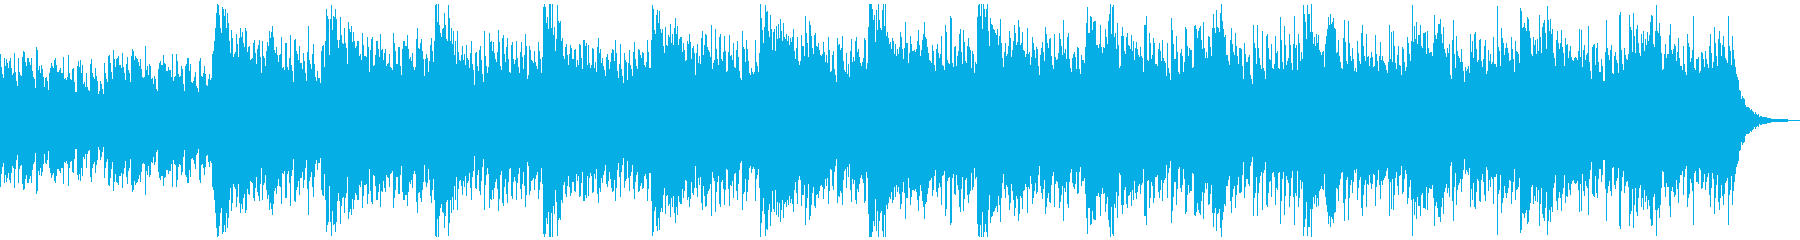 シリアスシーン・薄暗いダンジョン・幻想的の再生済みの波形